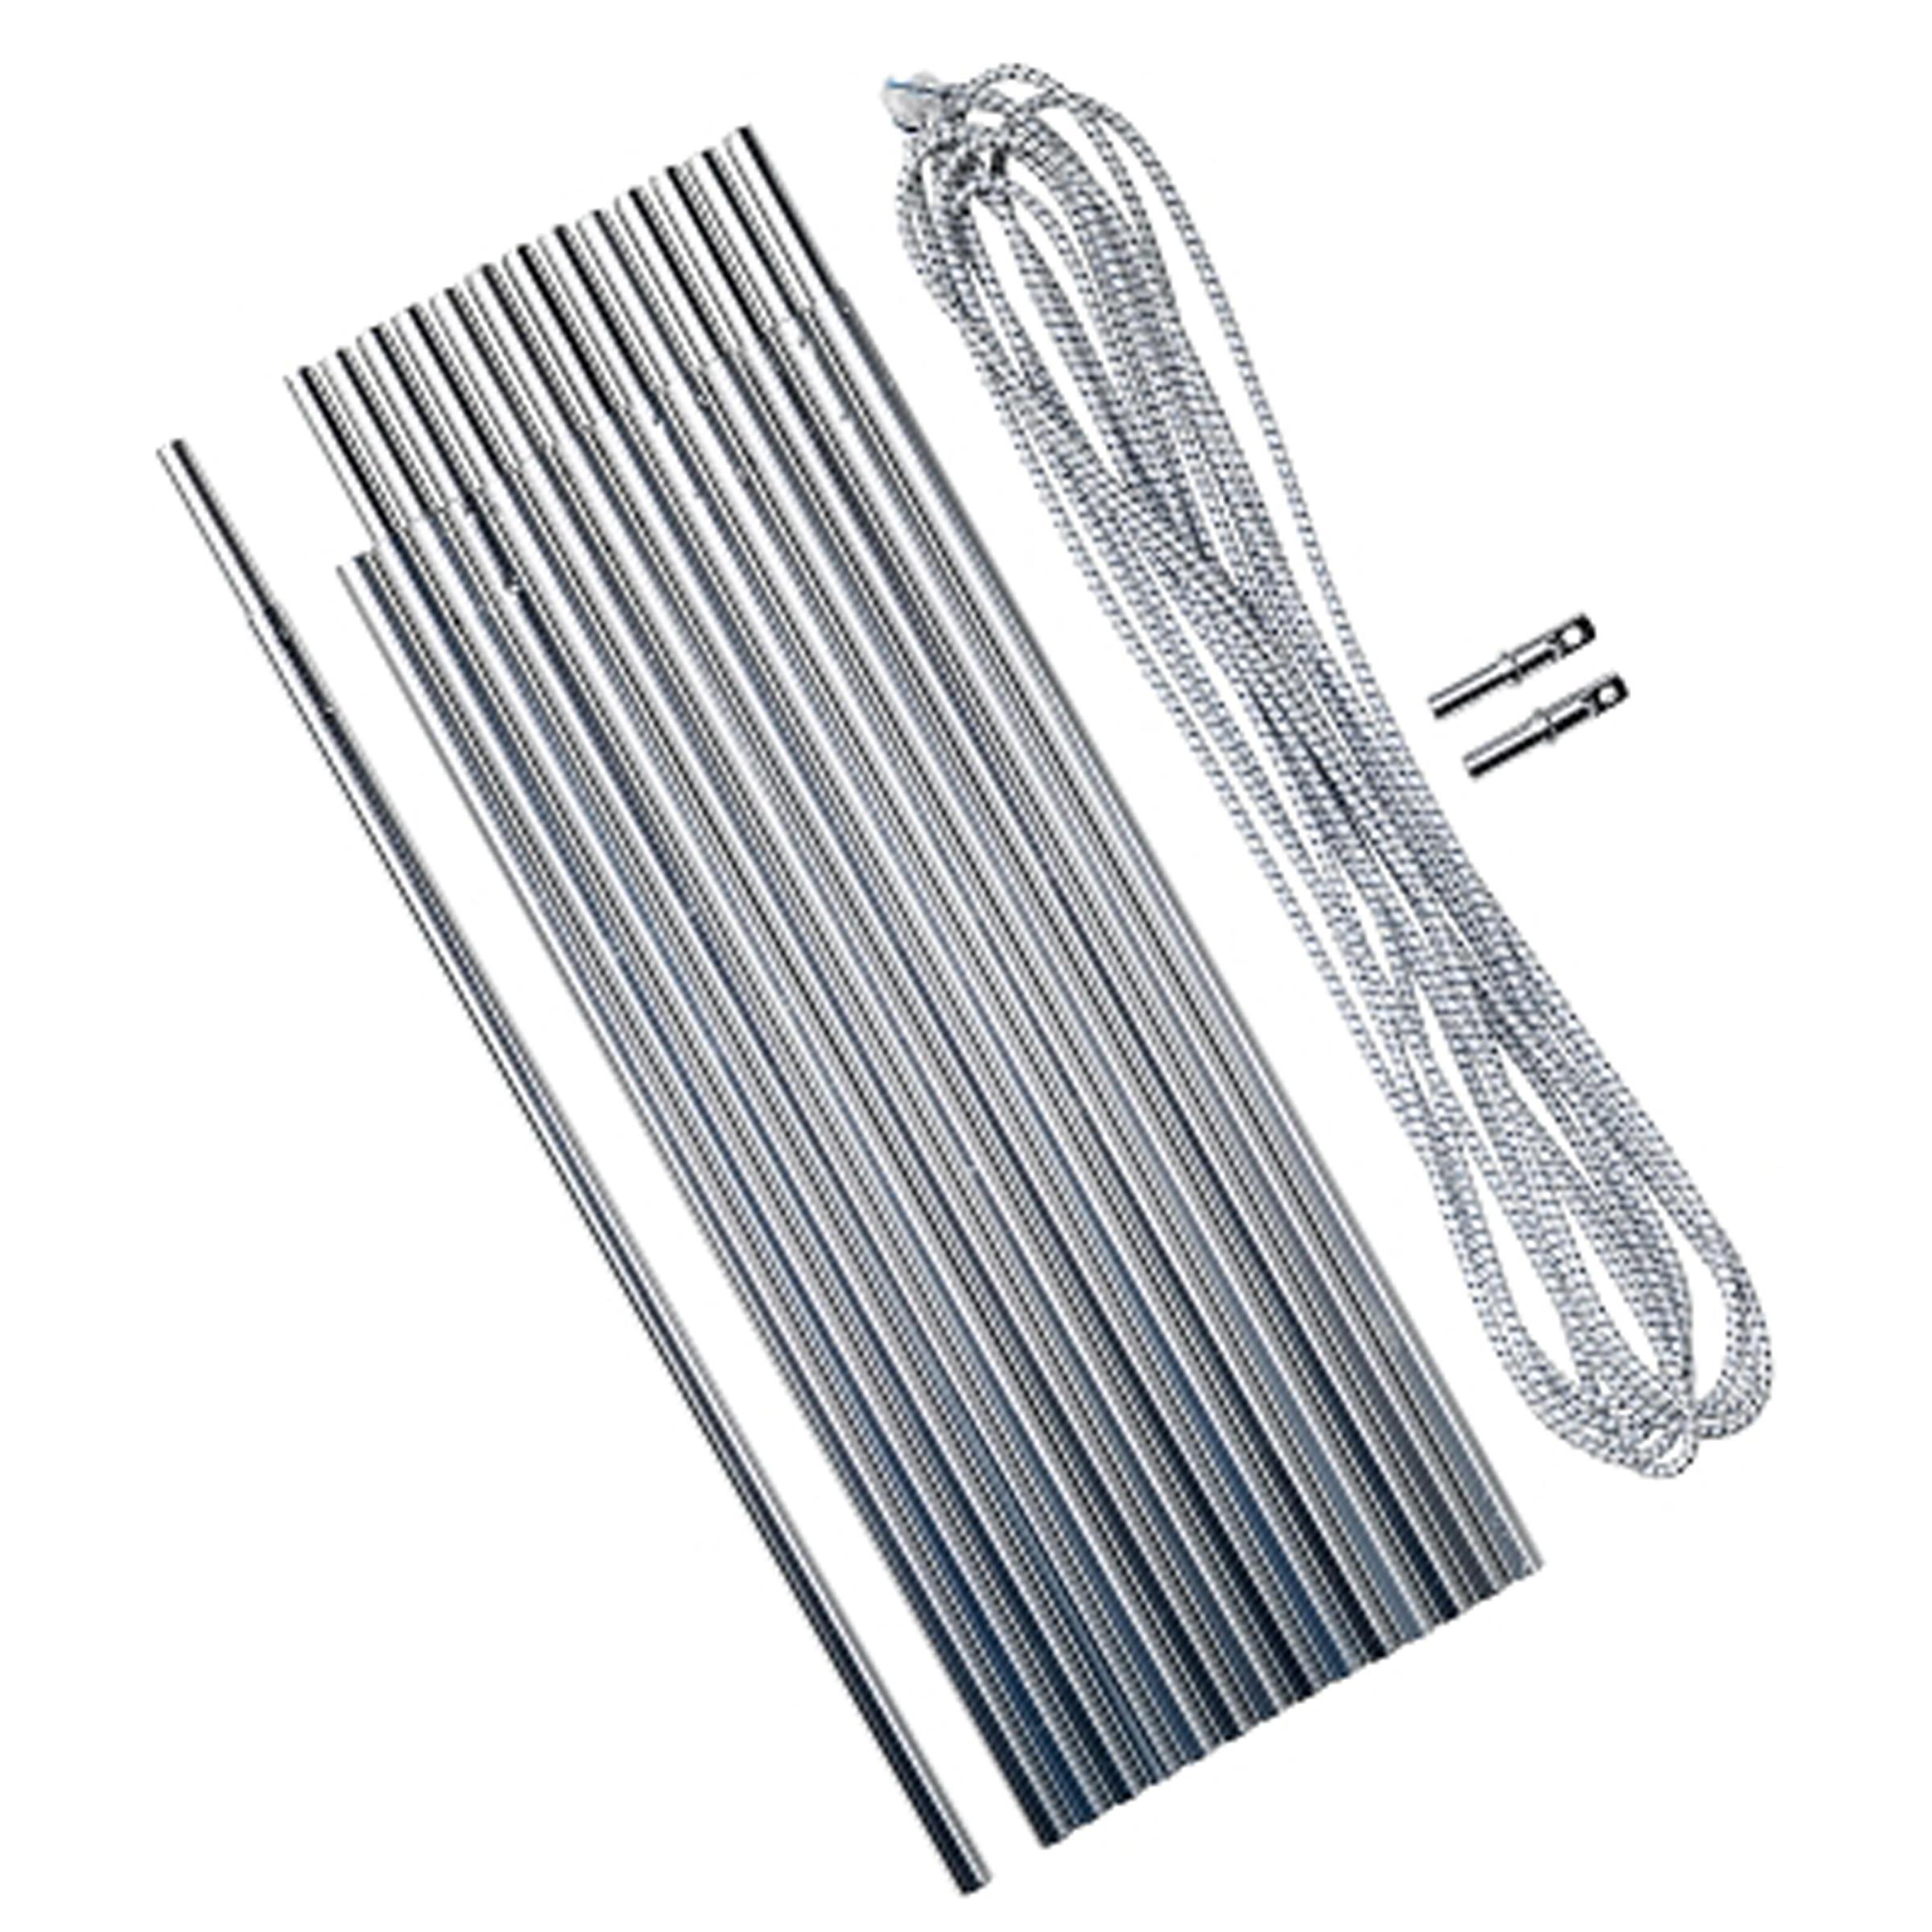 Kit de varillas de aluminio de 4.5 metros y Ø 8.5 mm; junquillos de 30 cm.